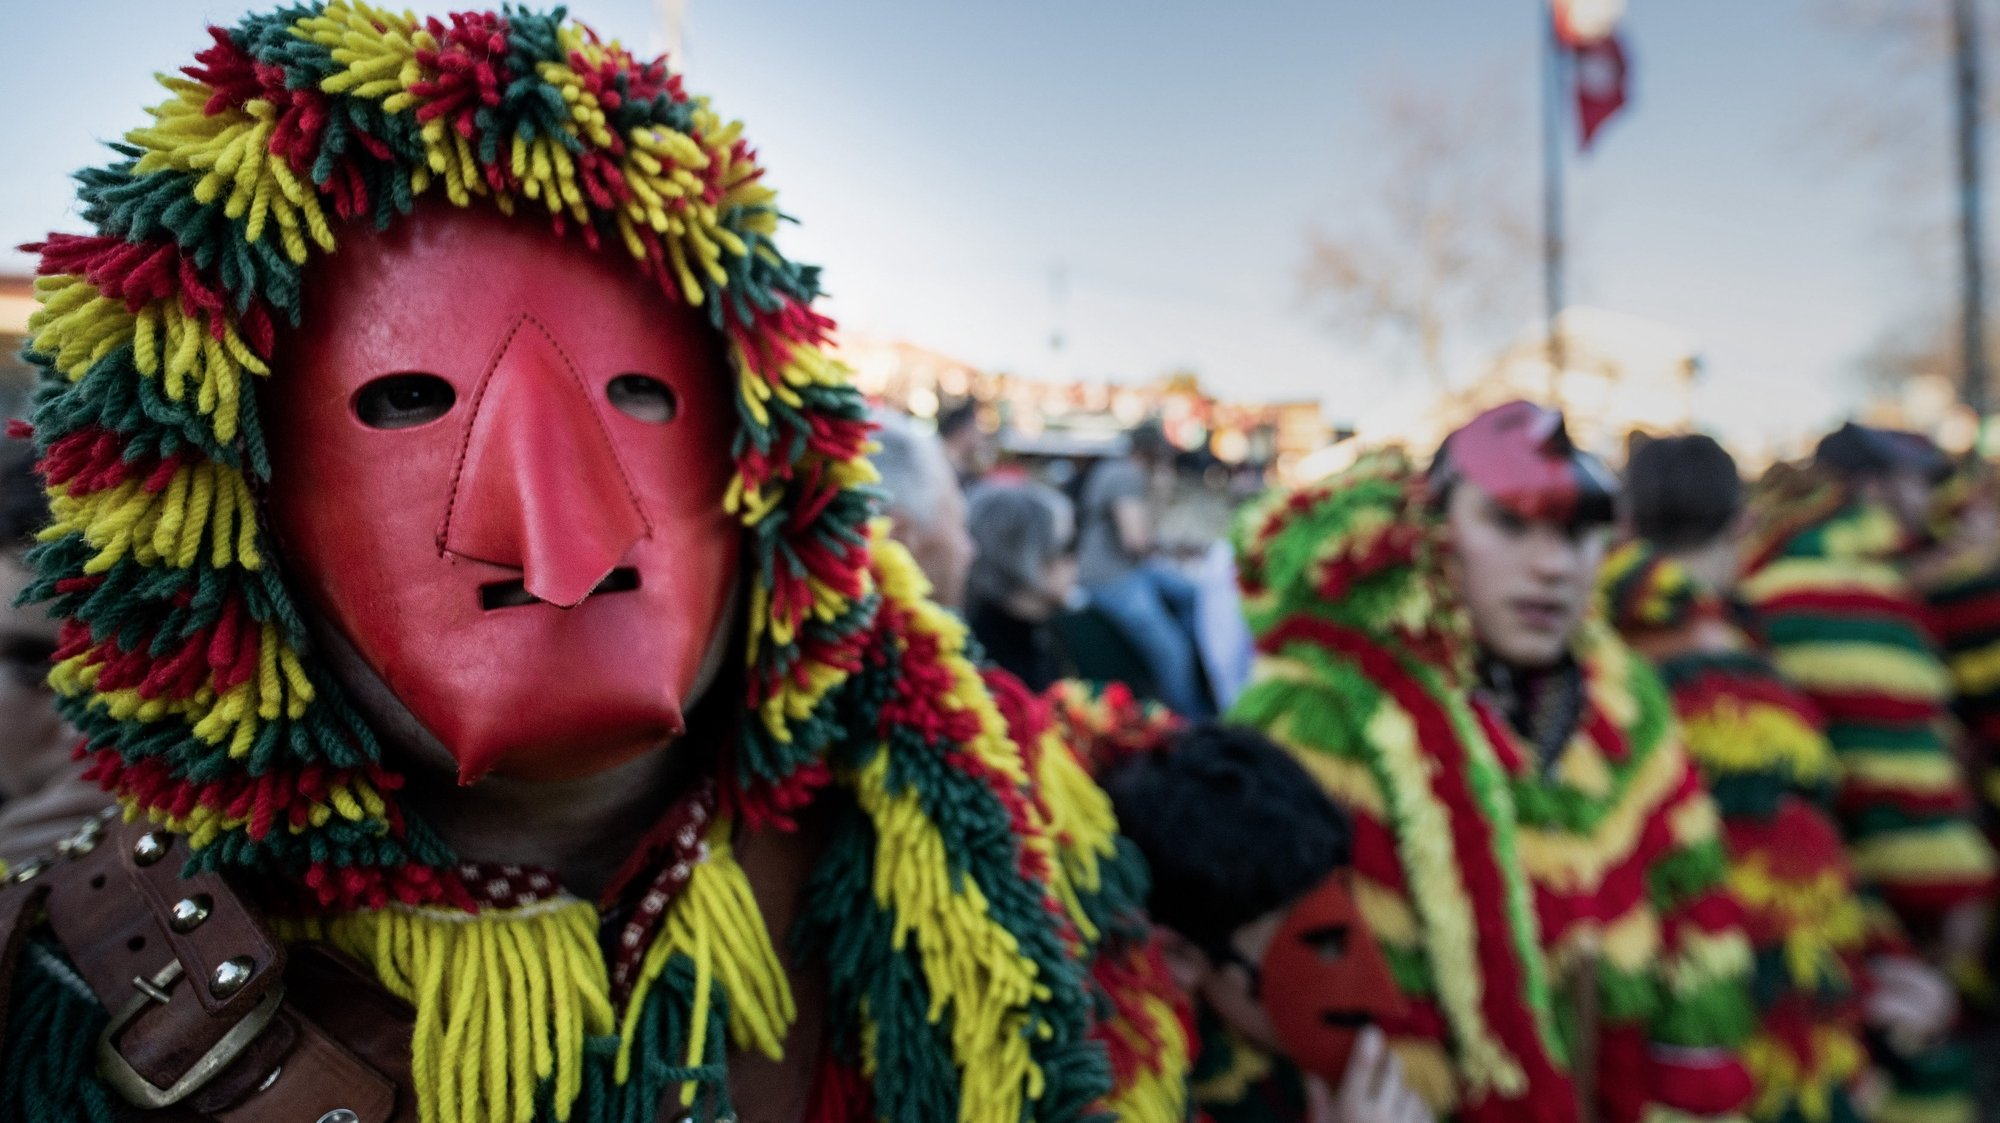 """Desfile de """"Entrudo Chocalheiro"""" com os Caretos de Podence, Macedo de Cavaleiros, 23 de fevereiro de 2020. PEDRO SARMENTO COSTA/LUSA"""